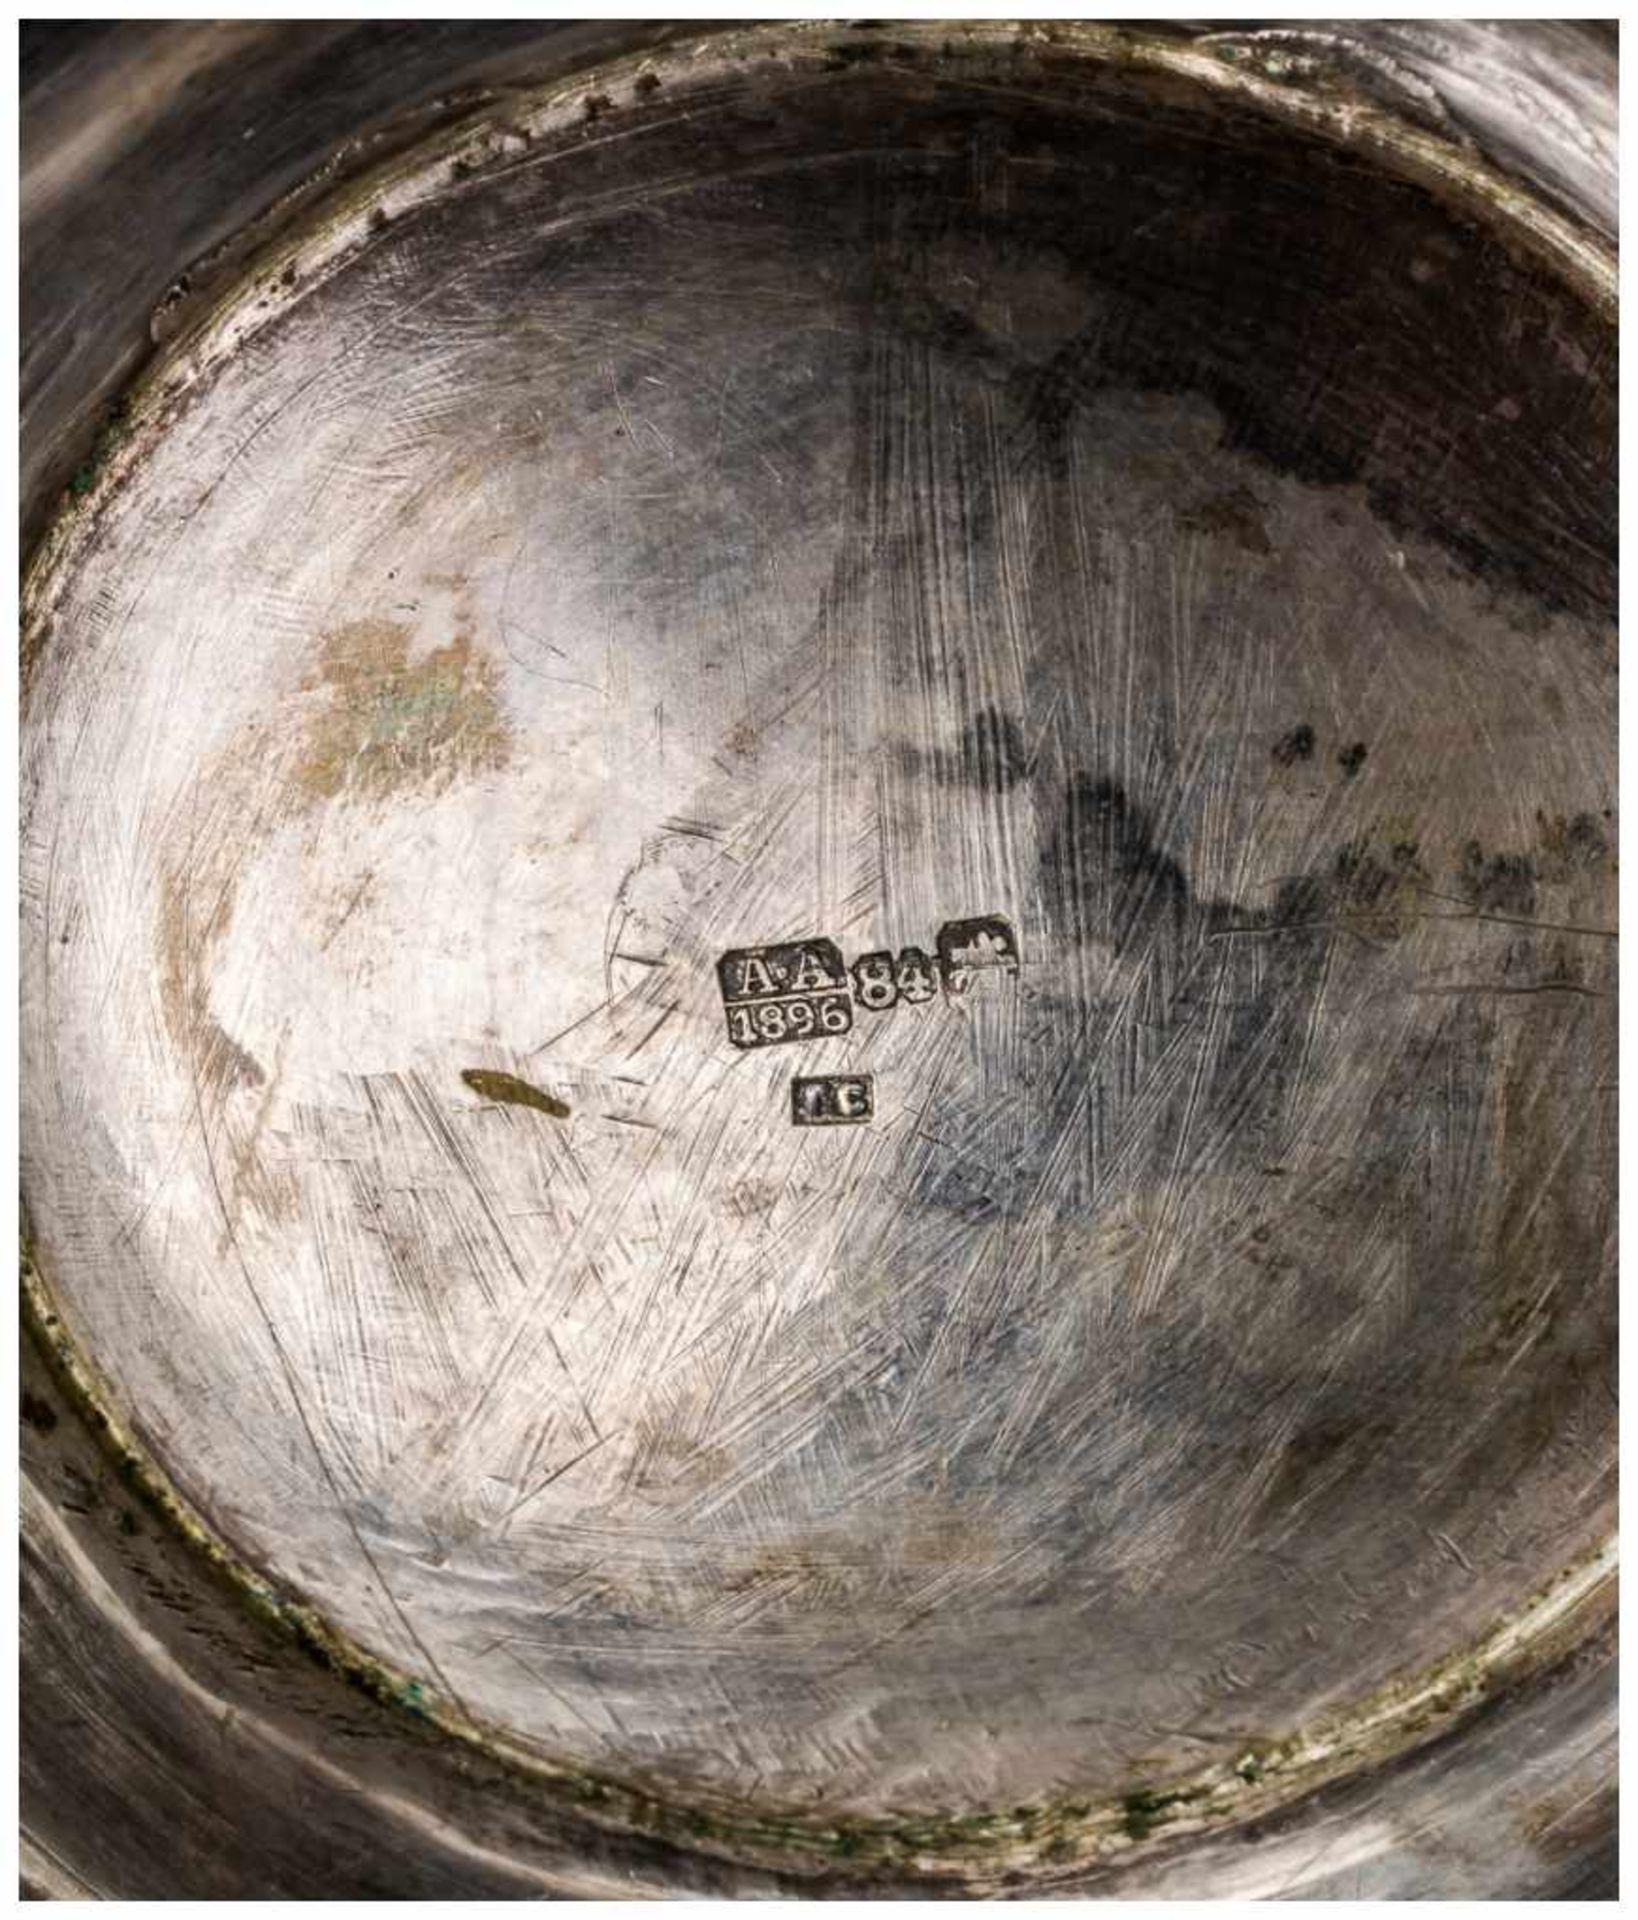 Los 18 - Zuckerdose Moskau, 1896 Silber, innen vergoldet, 408g Beschaumeister: Anatoly Artsibashov (1891-